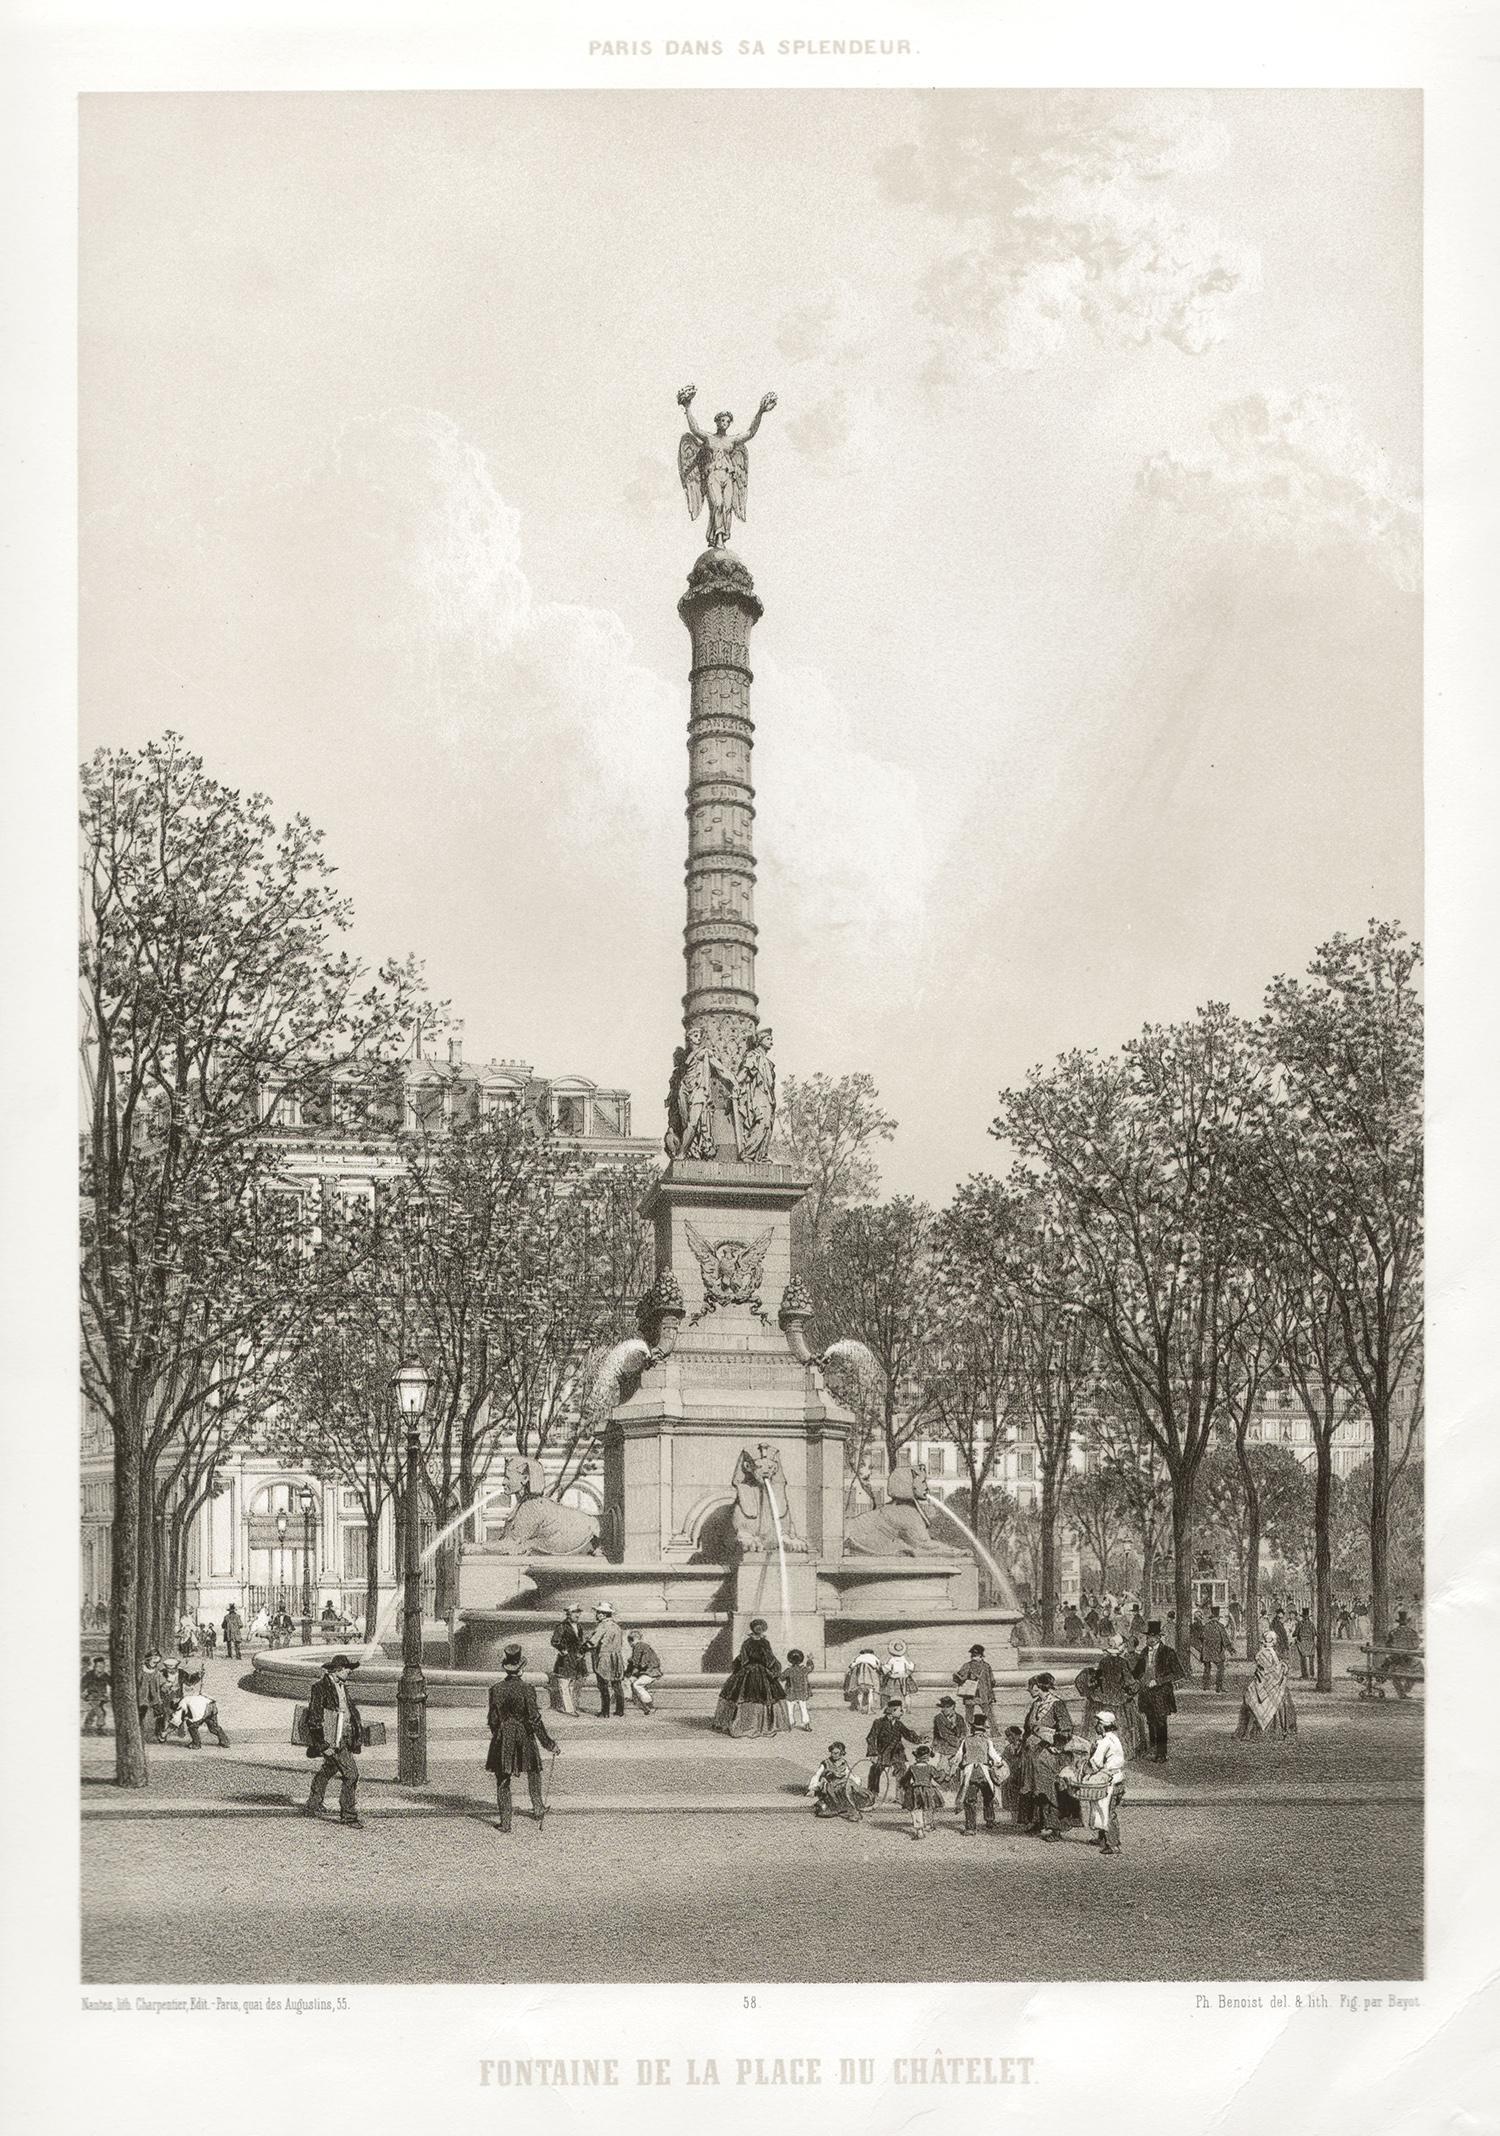 Paris - Fontaine de la Place du Chatelet, French lithograph, 1861